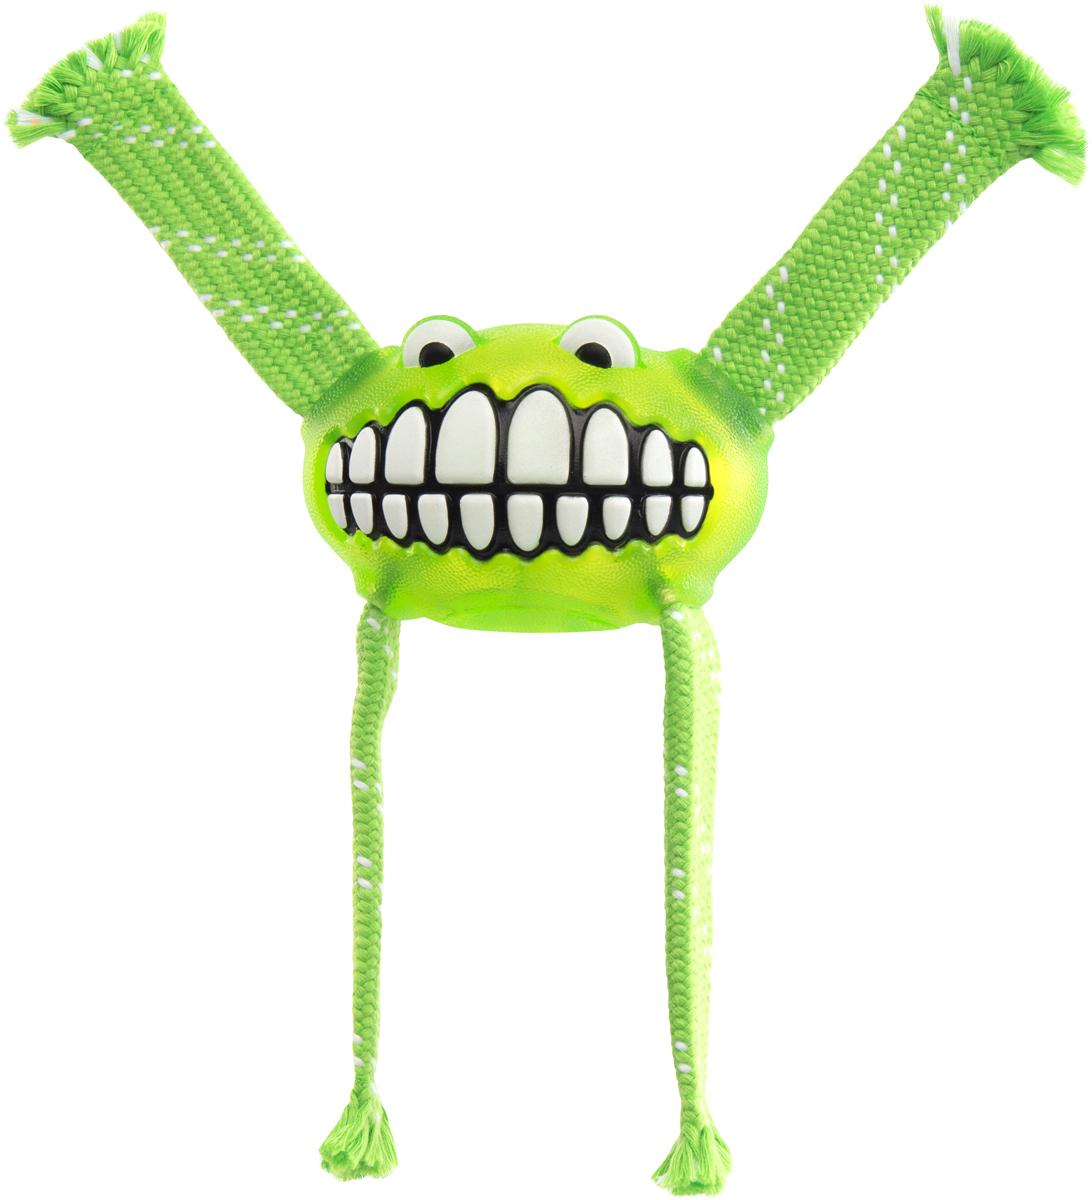 Игрушка для собак Rogz Flossy Grinz. Зубы, цвет: лайм, длина 21 см игрушка для собак rogz yumz косточка с отверстием для лакомства цвет лайм длина 11 5 см